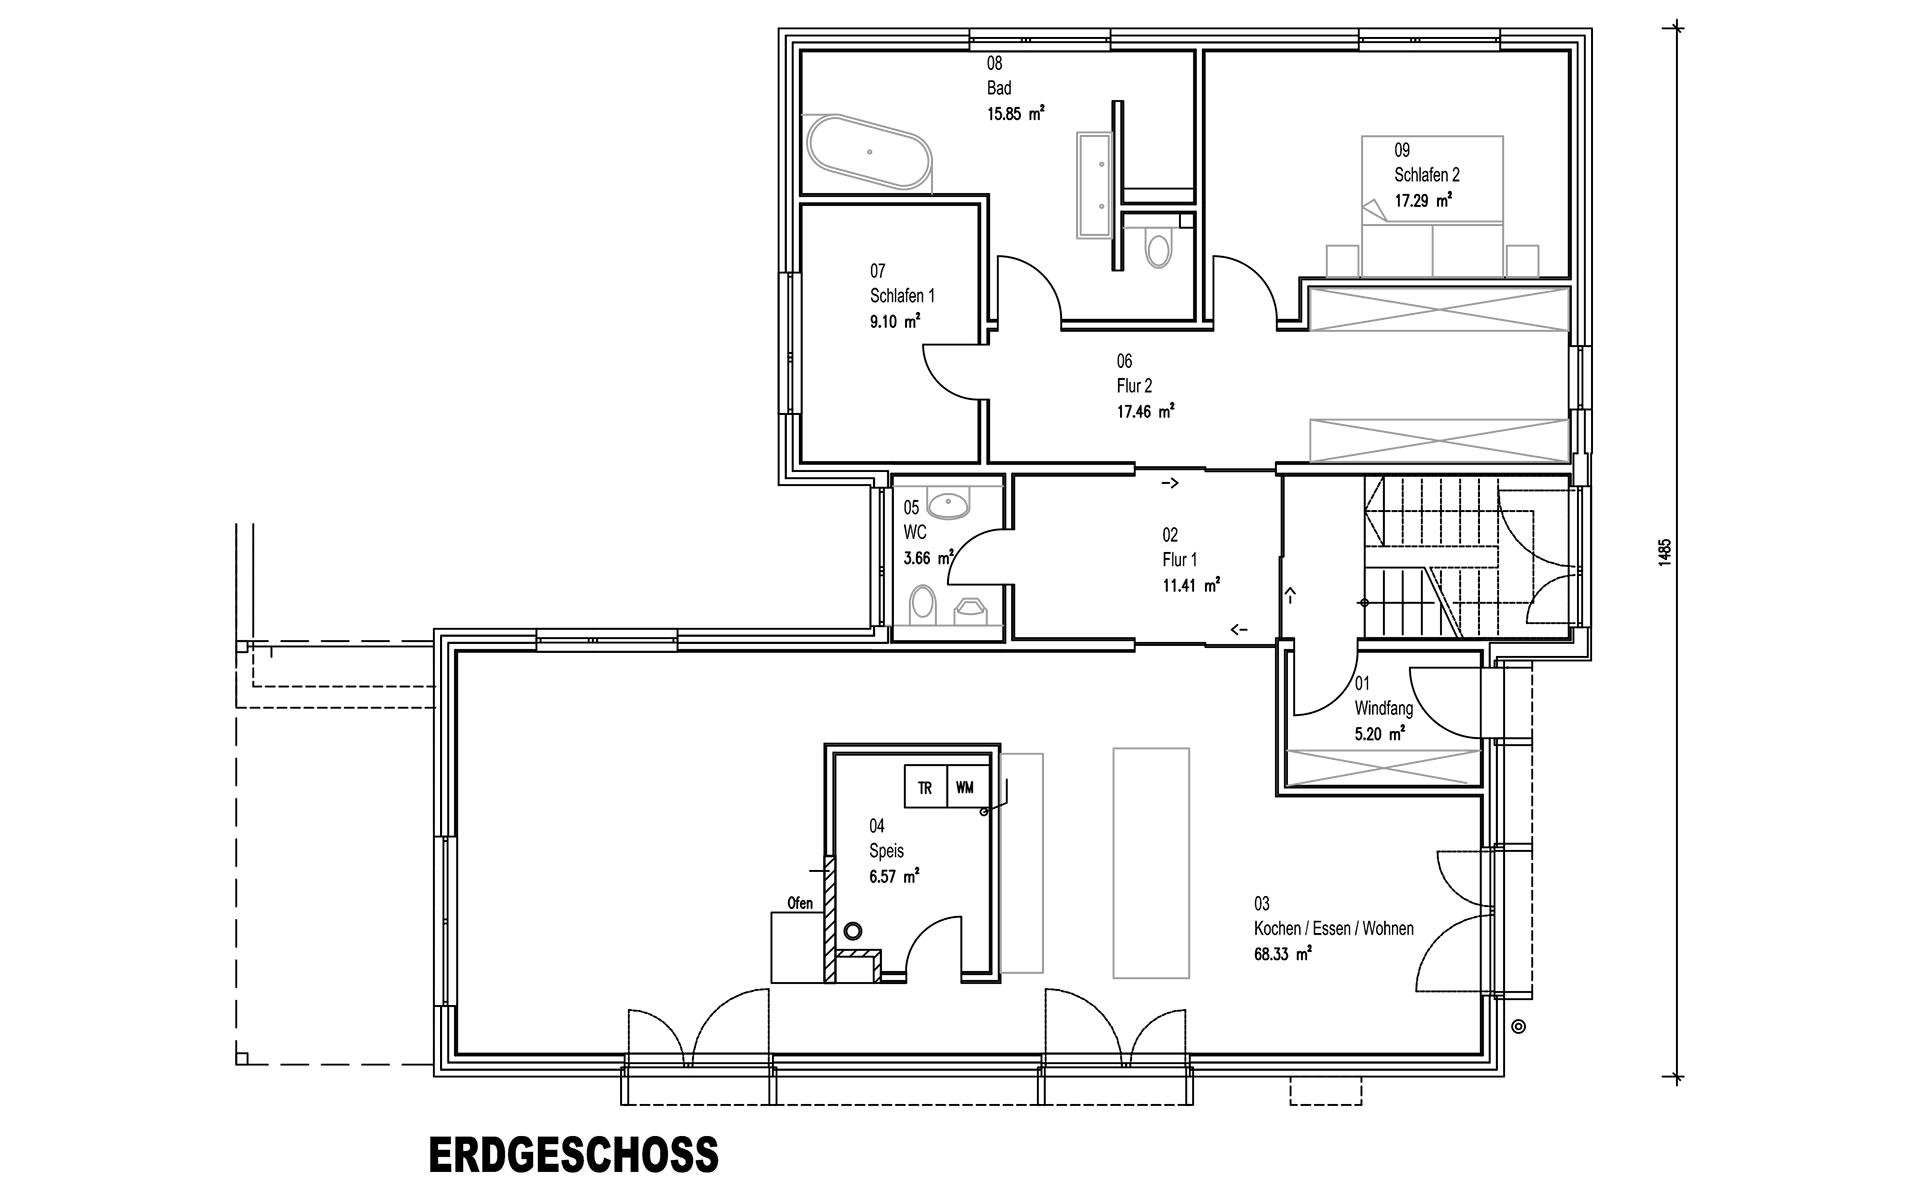 Erdgeschoss Rodler von Sonnleitner Holzbauwerke GmbH & Co. KG